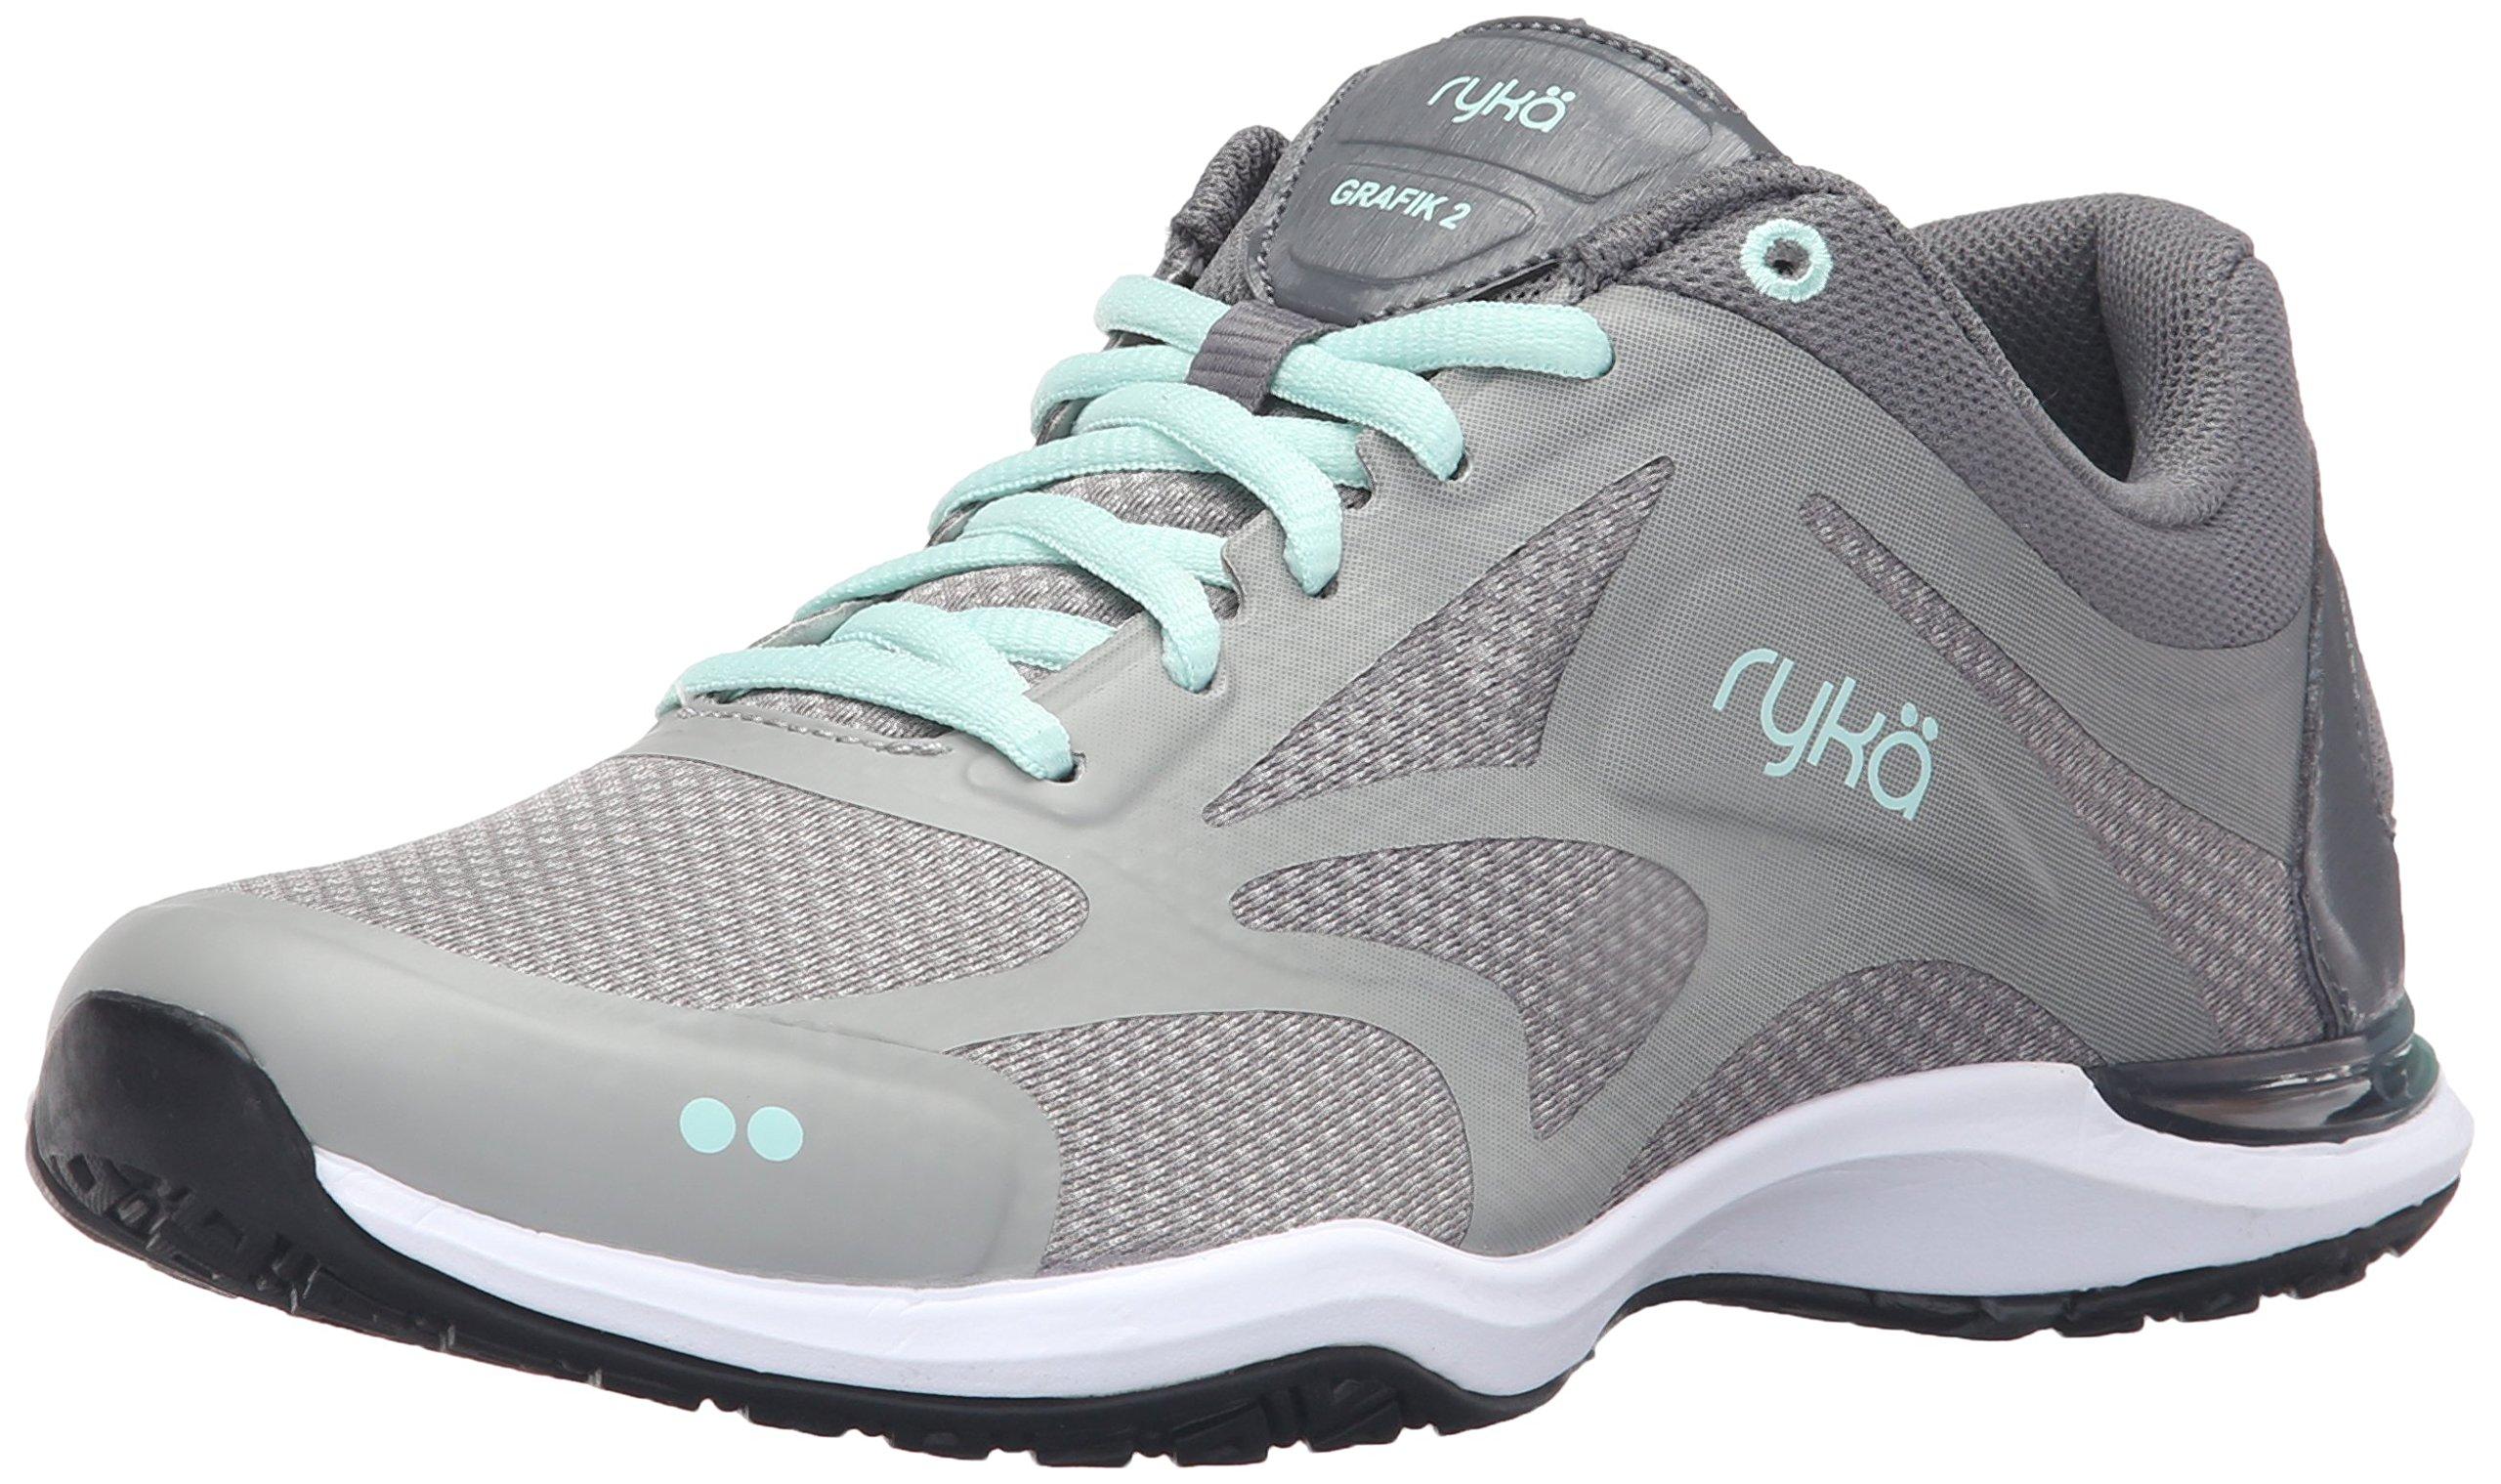 Ryka Women's Grafik 2 Cross-Trainer Shoe, Grey/Mint, 6.5 M US